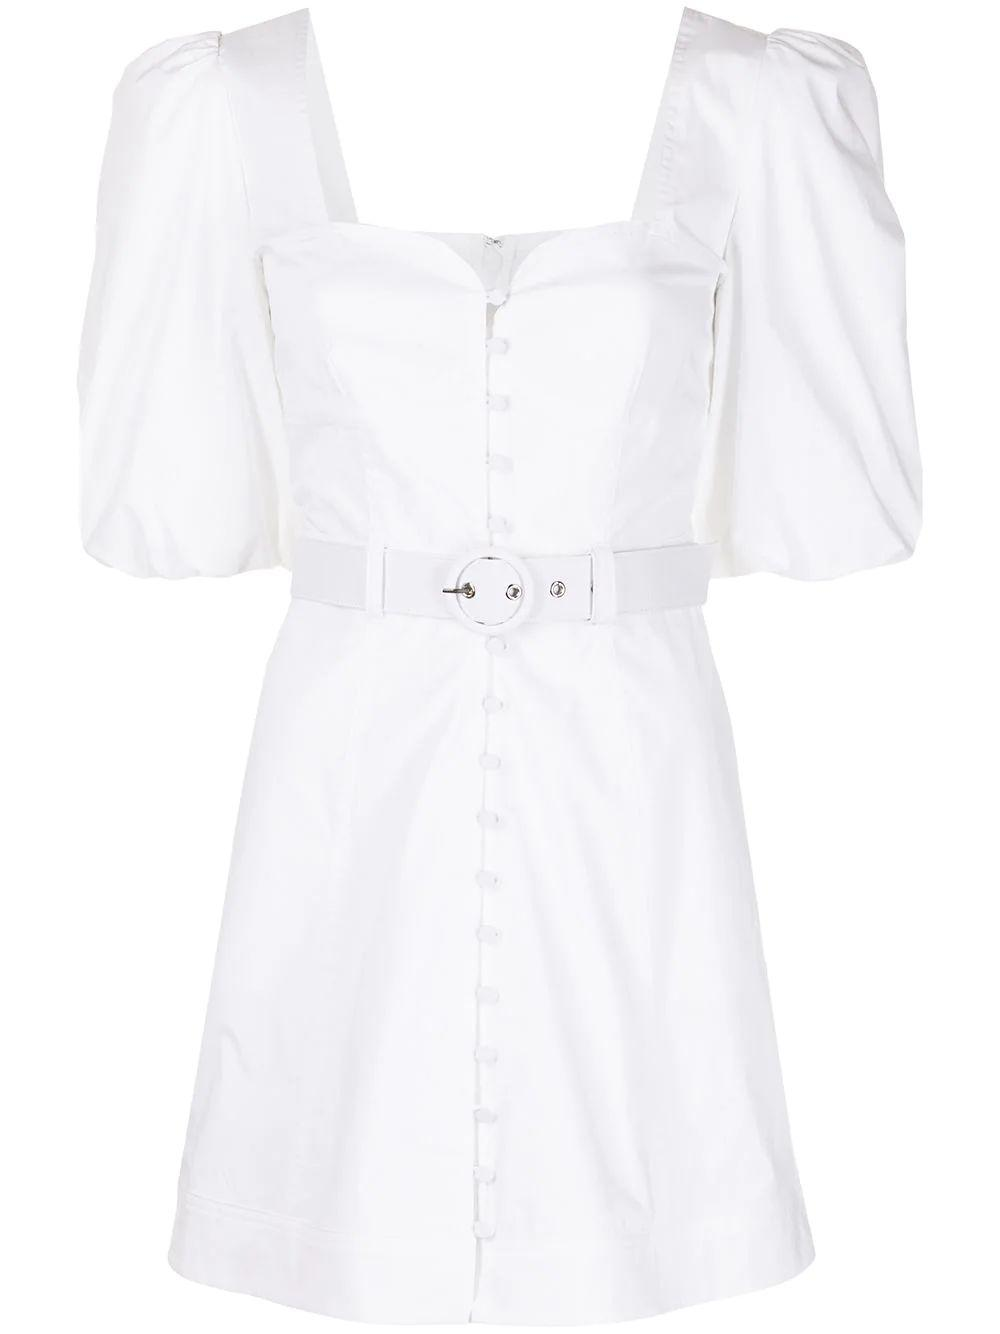 Juno Mini Dress Item # 321-1134-ST